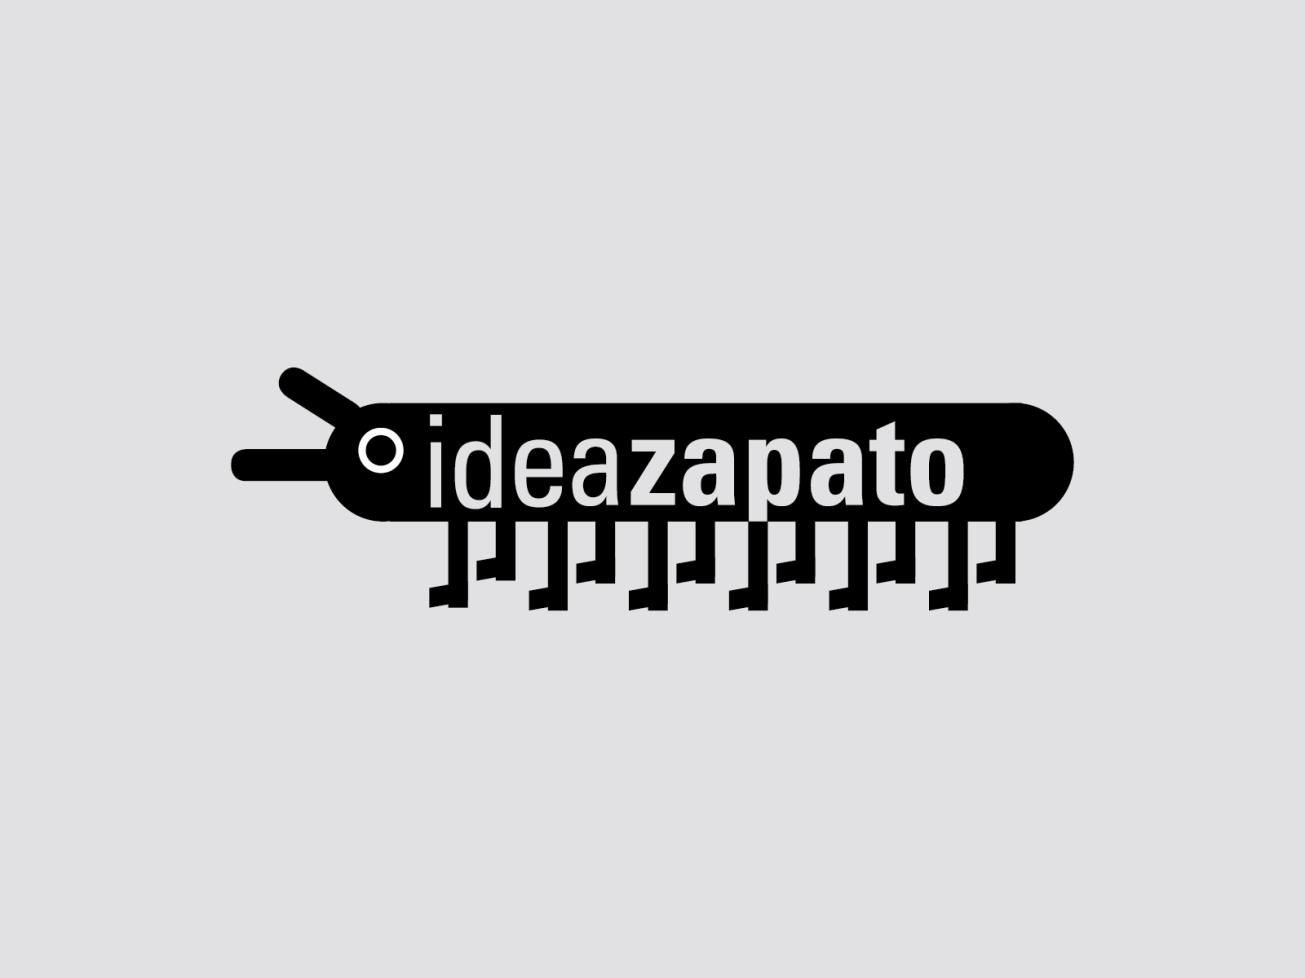 logos2005-20178